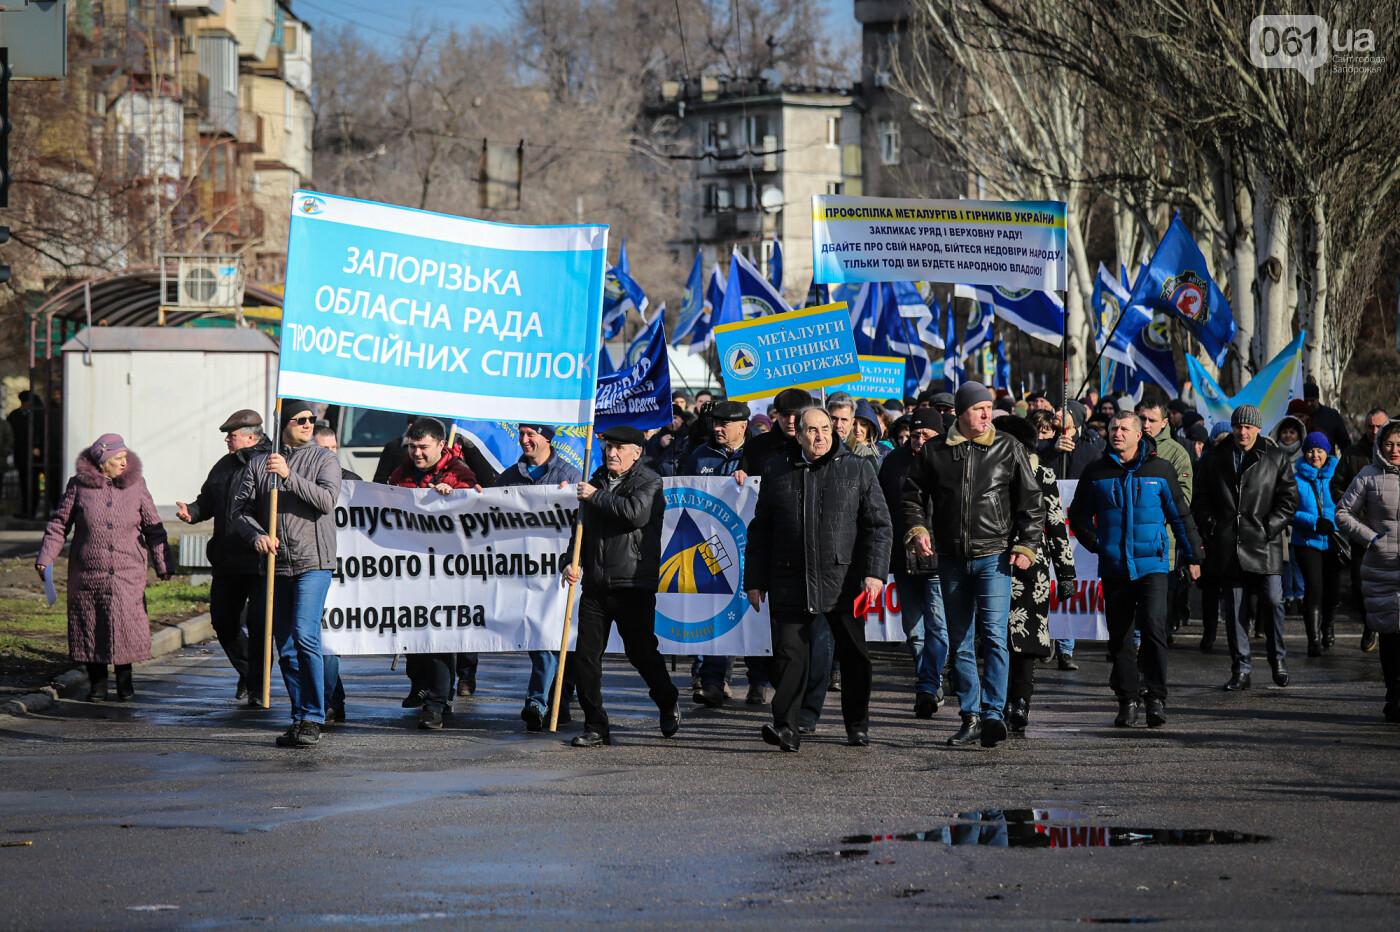 В Запорожье на протестную акцию профсоюзов «Волна гнева» вышло около 2000 человек, - ФОТОРЕПОРТАЖ, фото-6